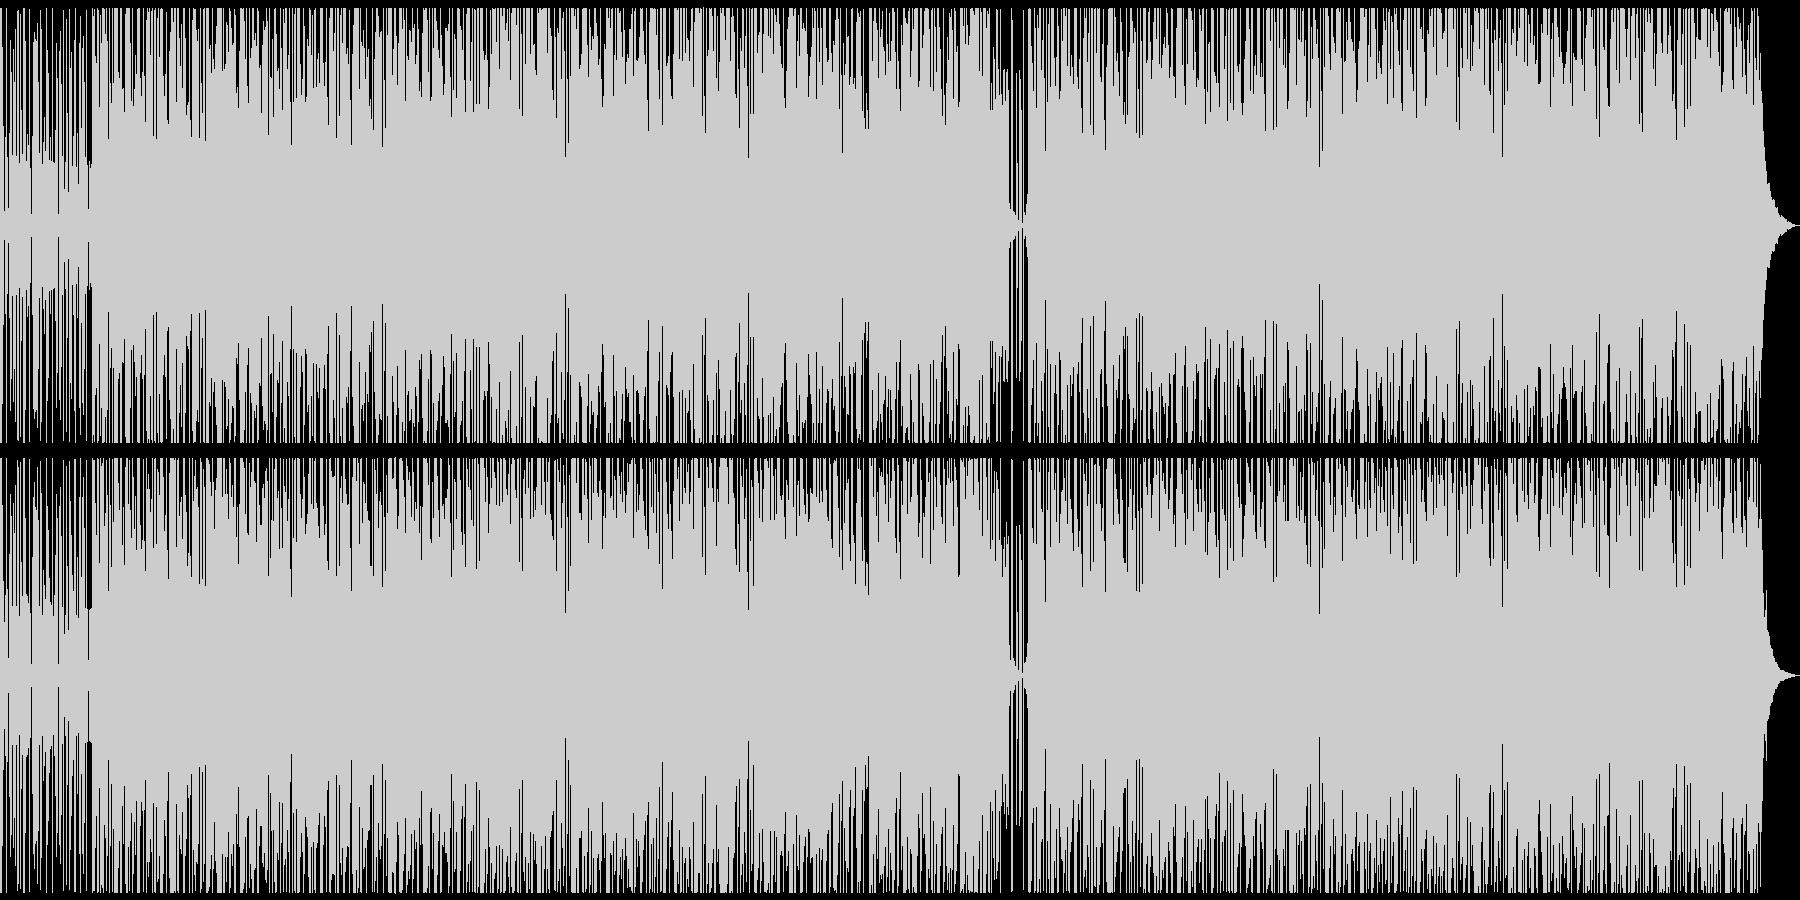 【雨音なし】心地良いヒーリングポップの未再生の波形